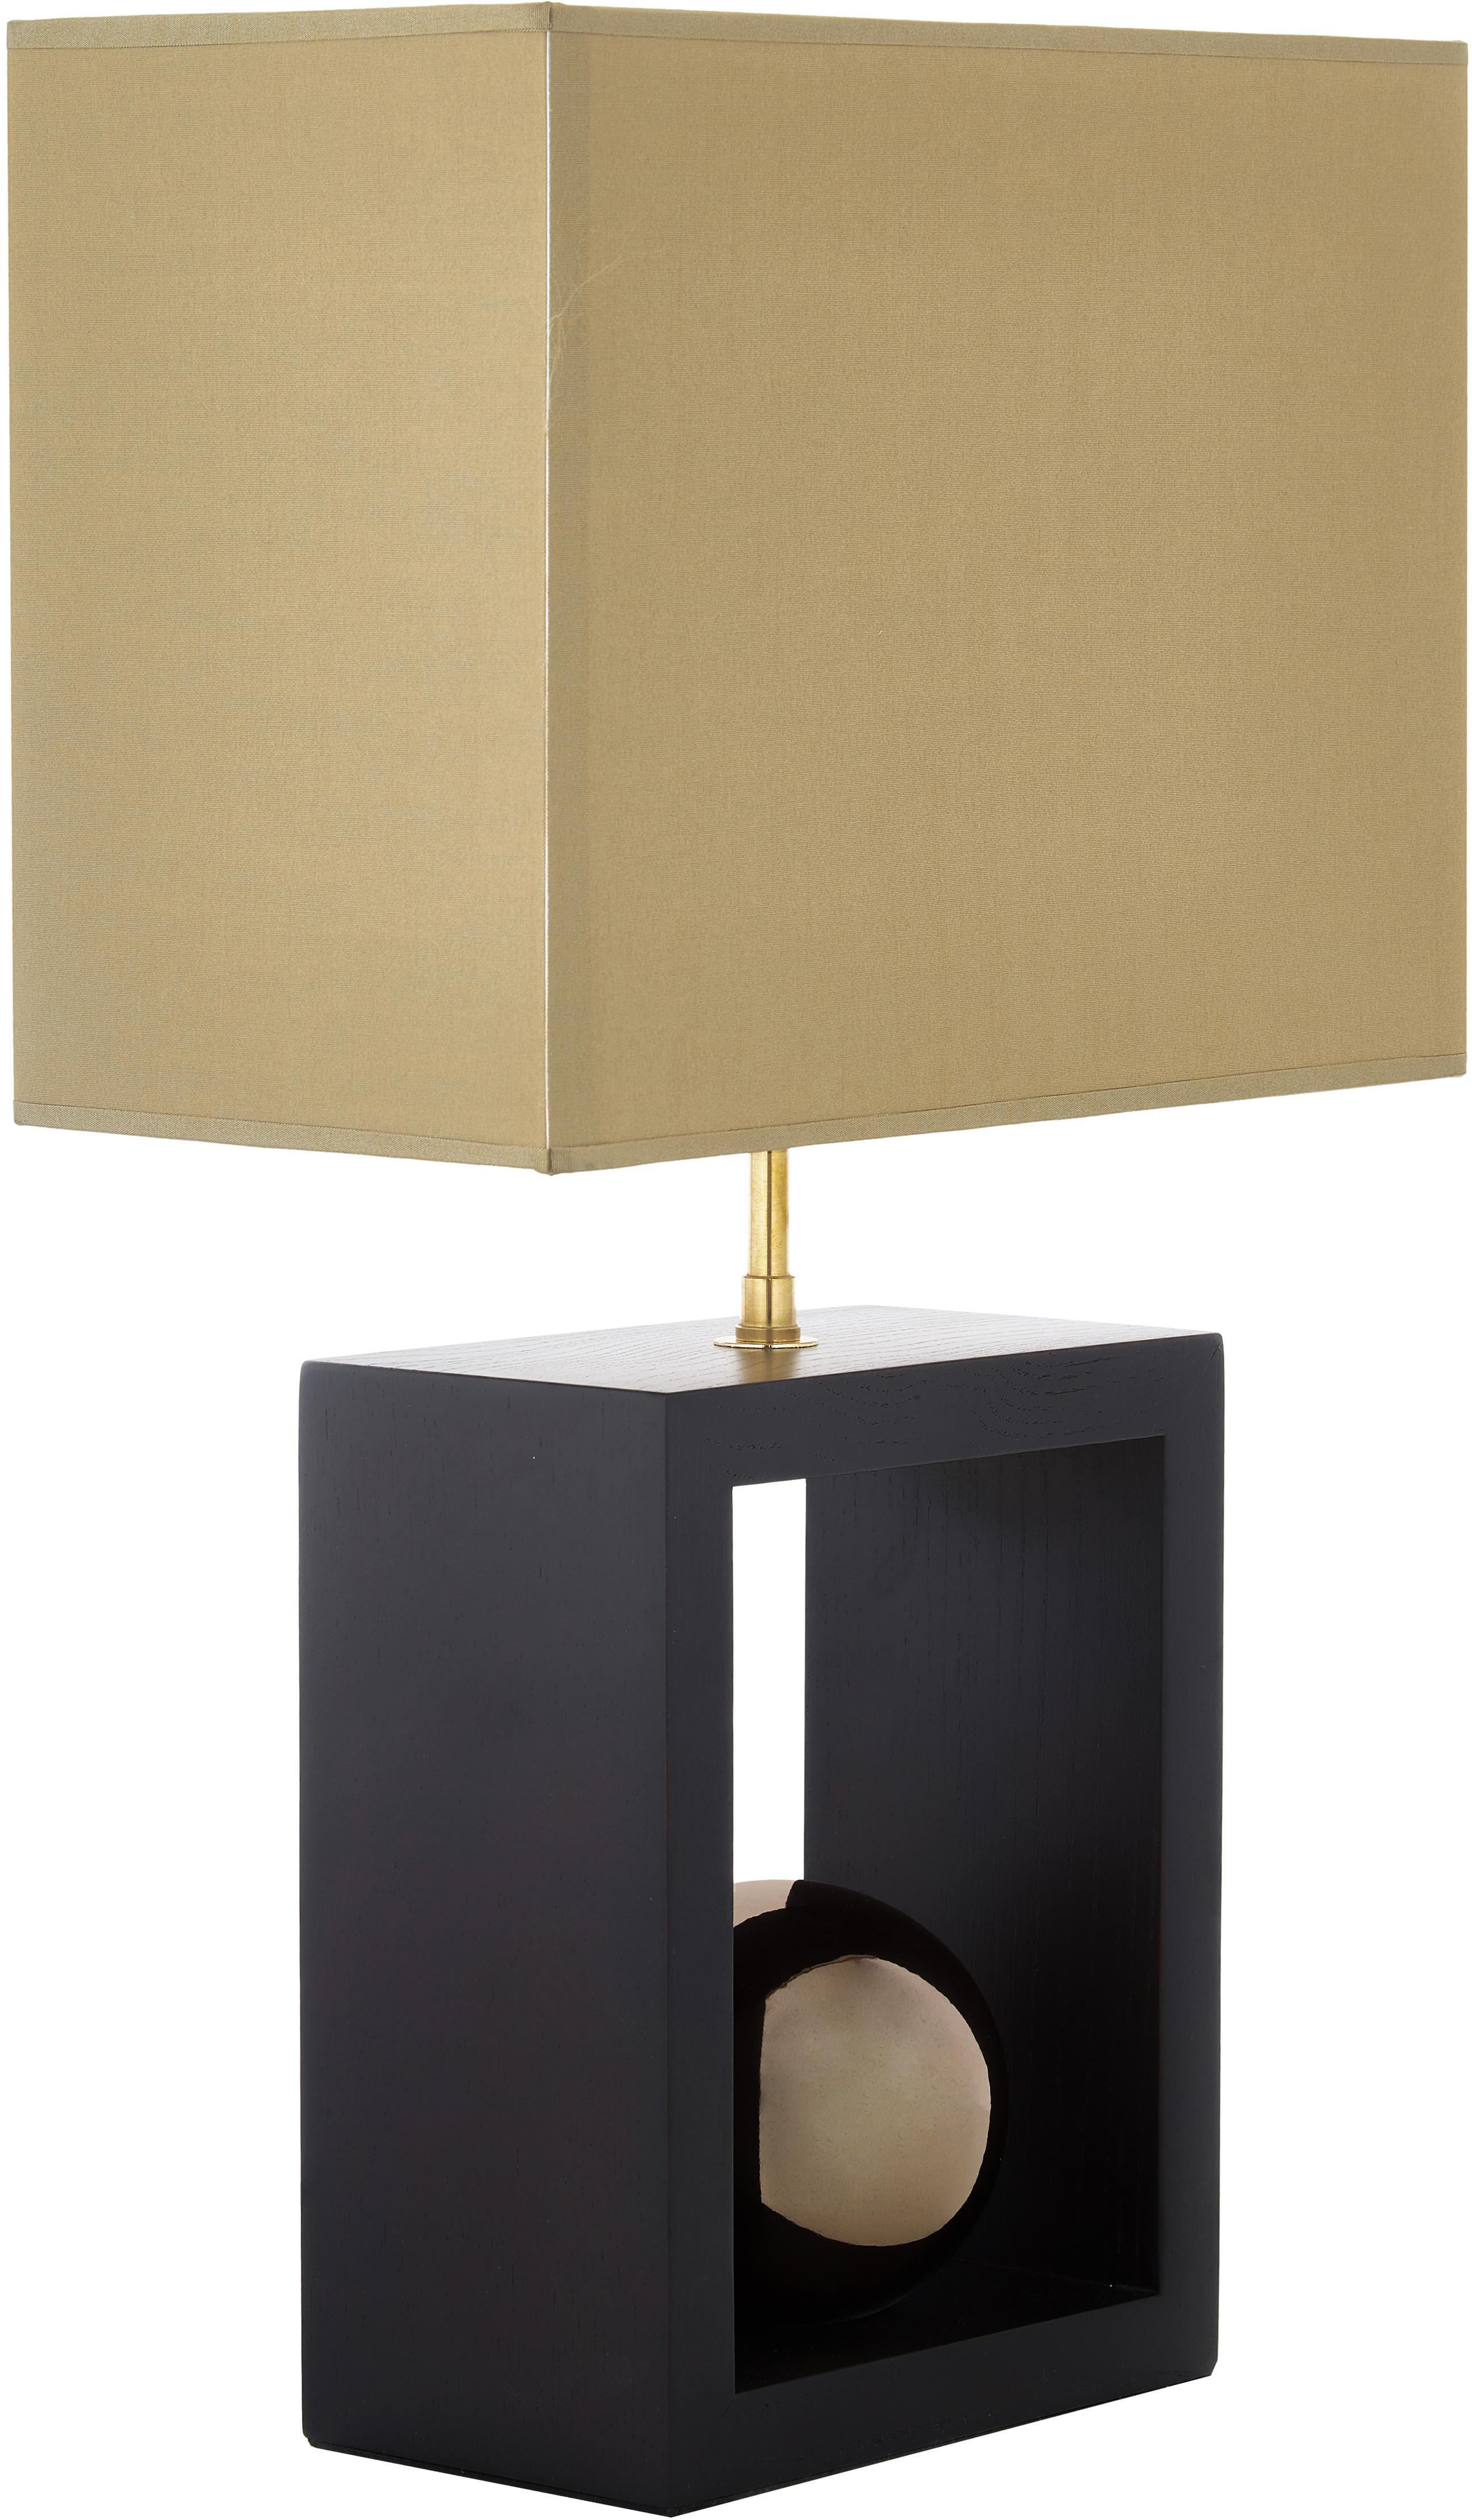 Tischlampe Scala aus Buchenholz, Lampenschirm: Polyester, Lampenfuß: Buchenholz, lackiert, Goldfarben, Braun, 30 x 54 cm